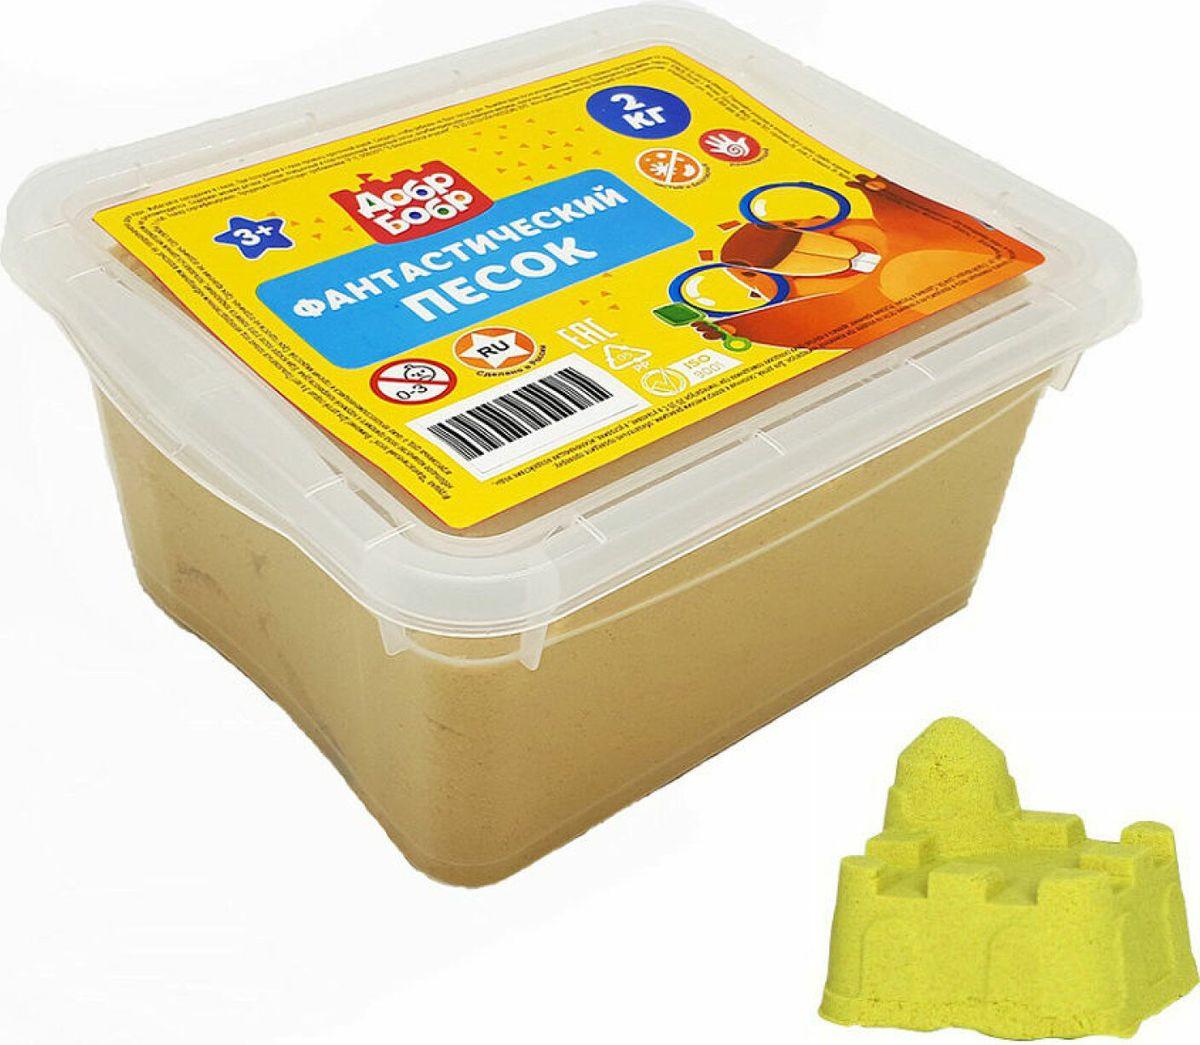 Кинетический песок 1TOY Фантастический, Т12850, желтый, 2 кг